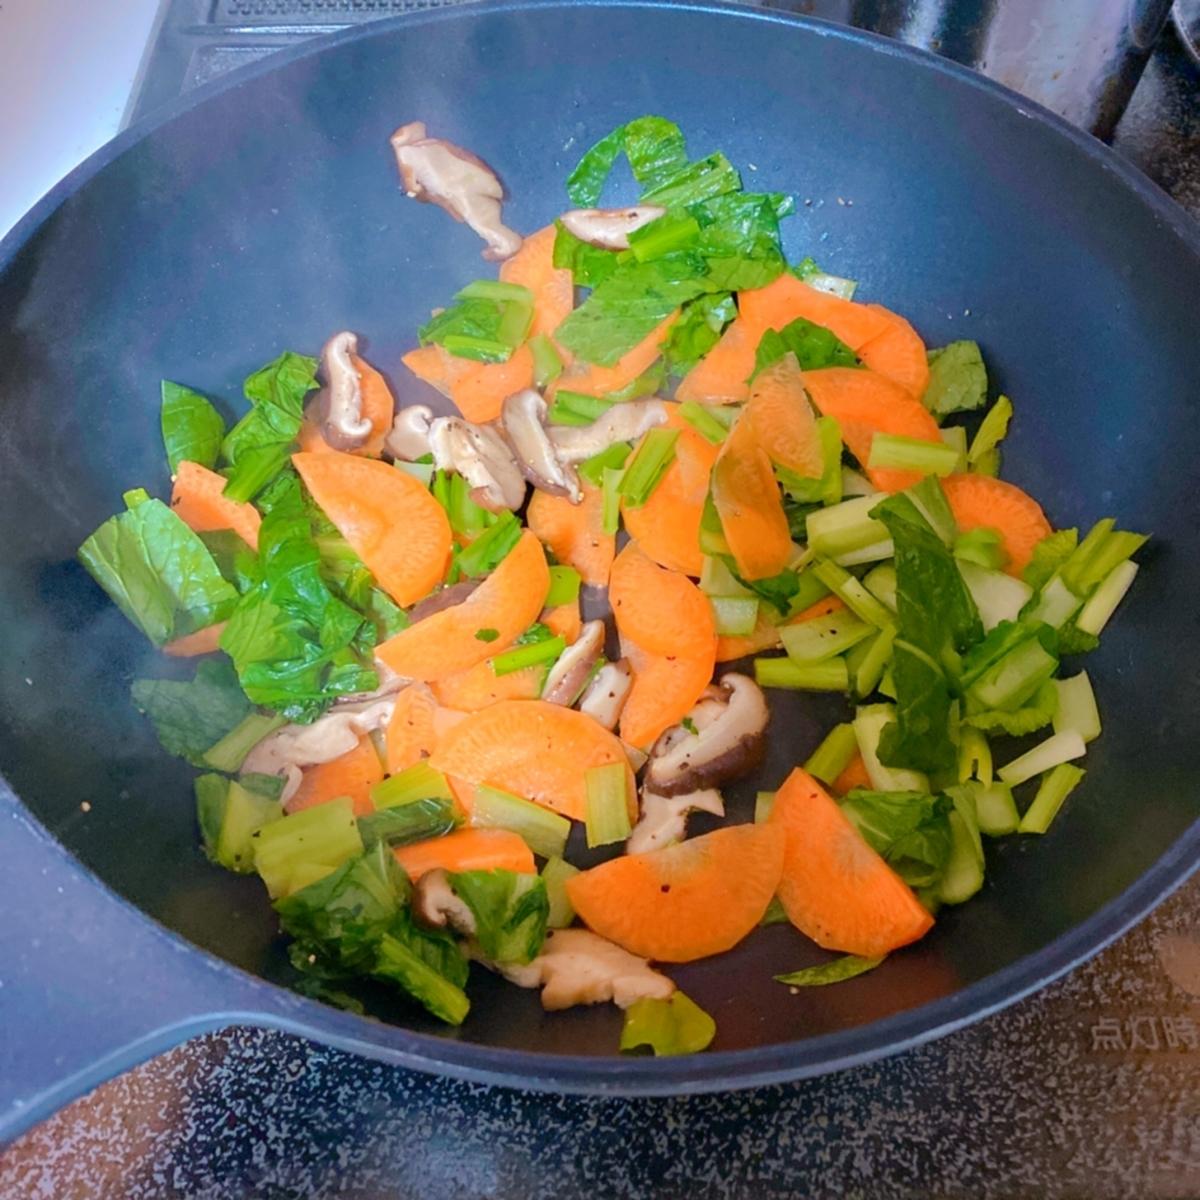 フライパンで野菜を炒めている写真